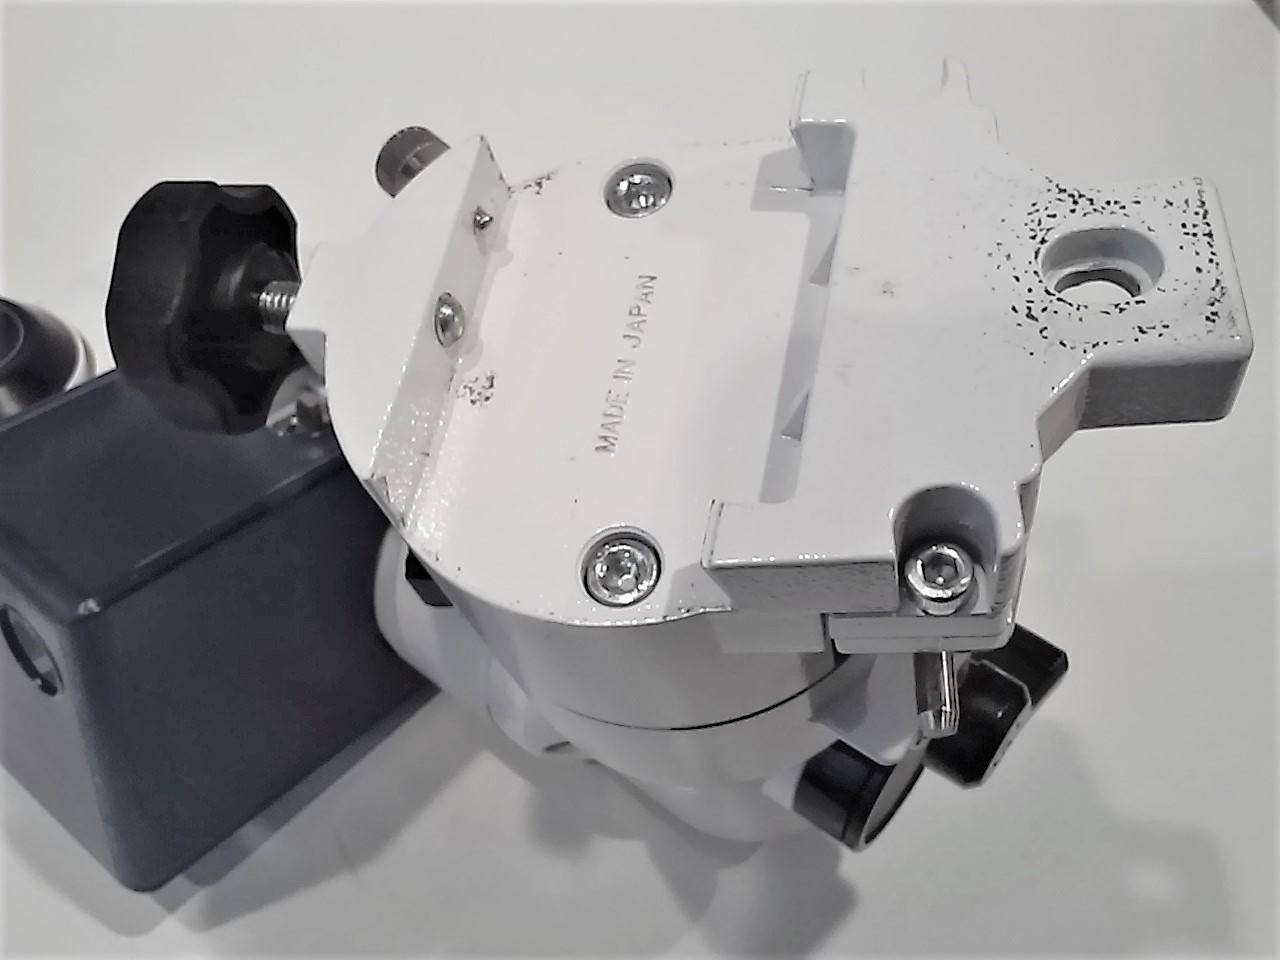 vixen gp manual mount for sale